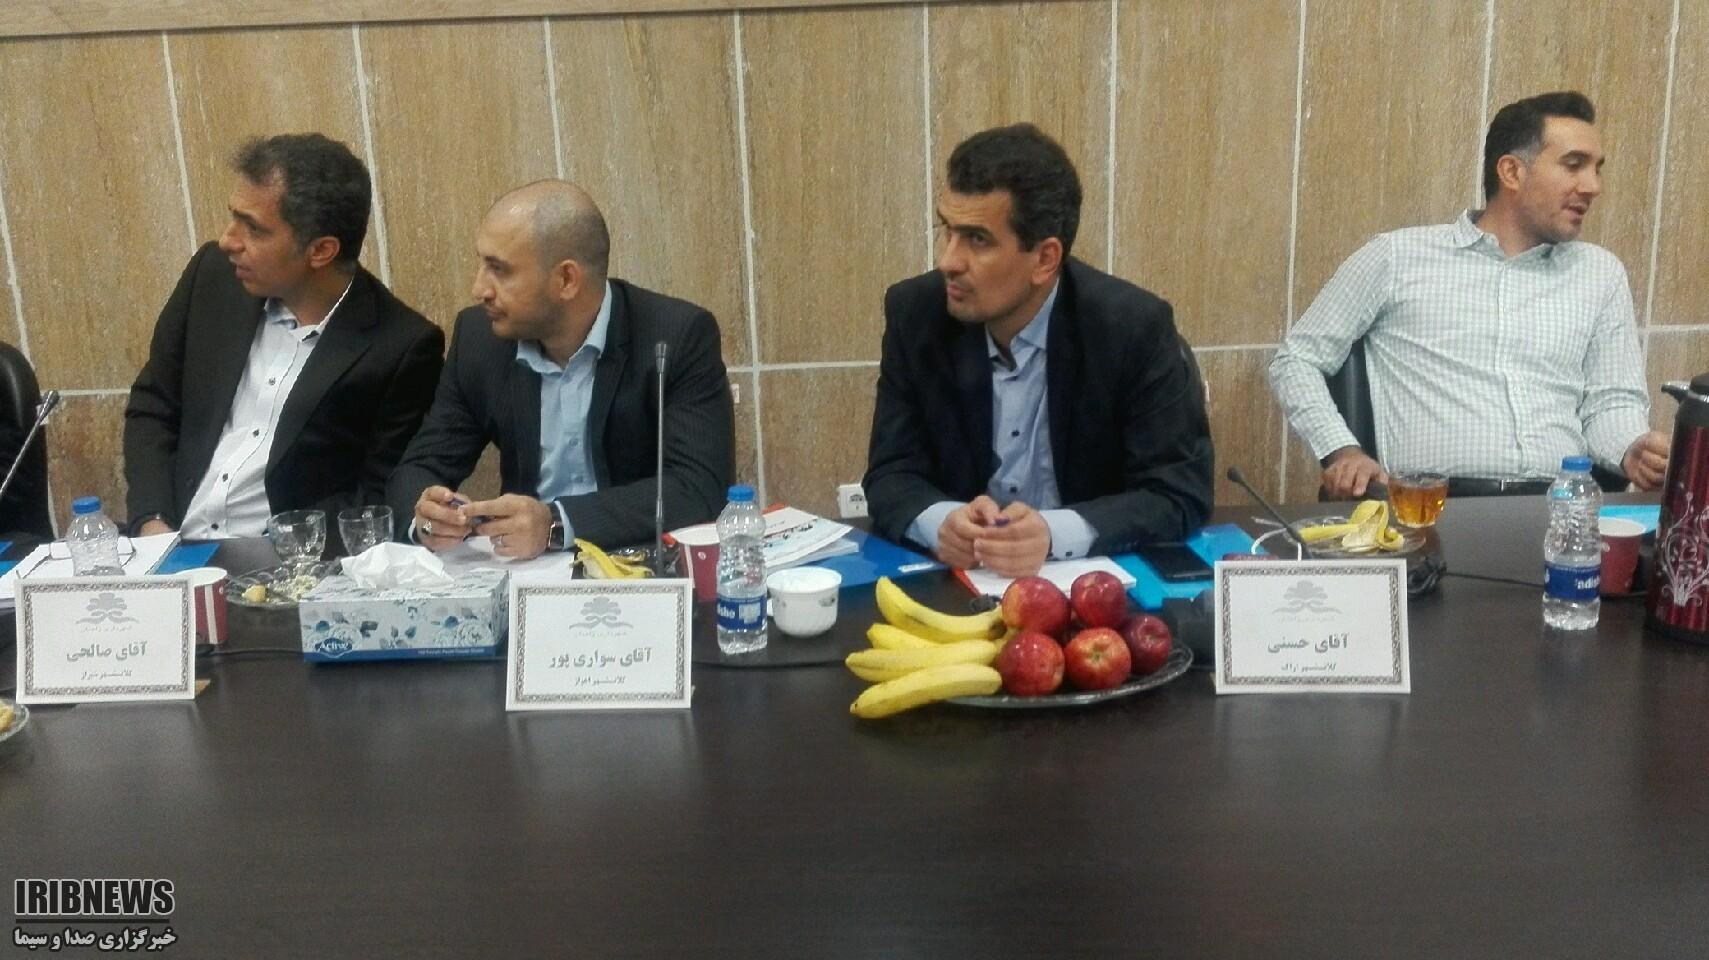 زاهدان میزبان مدیران ورزشی شهرداری کلانشهرهای کشور